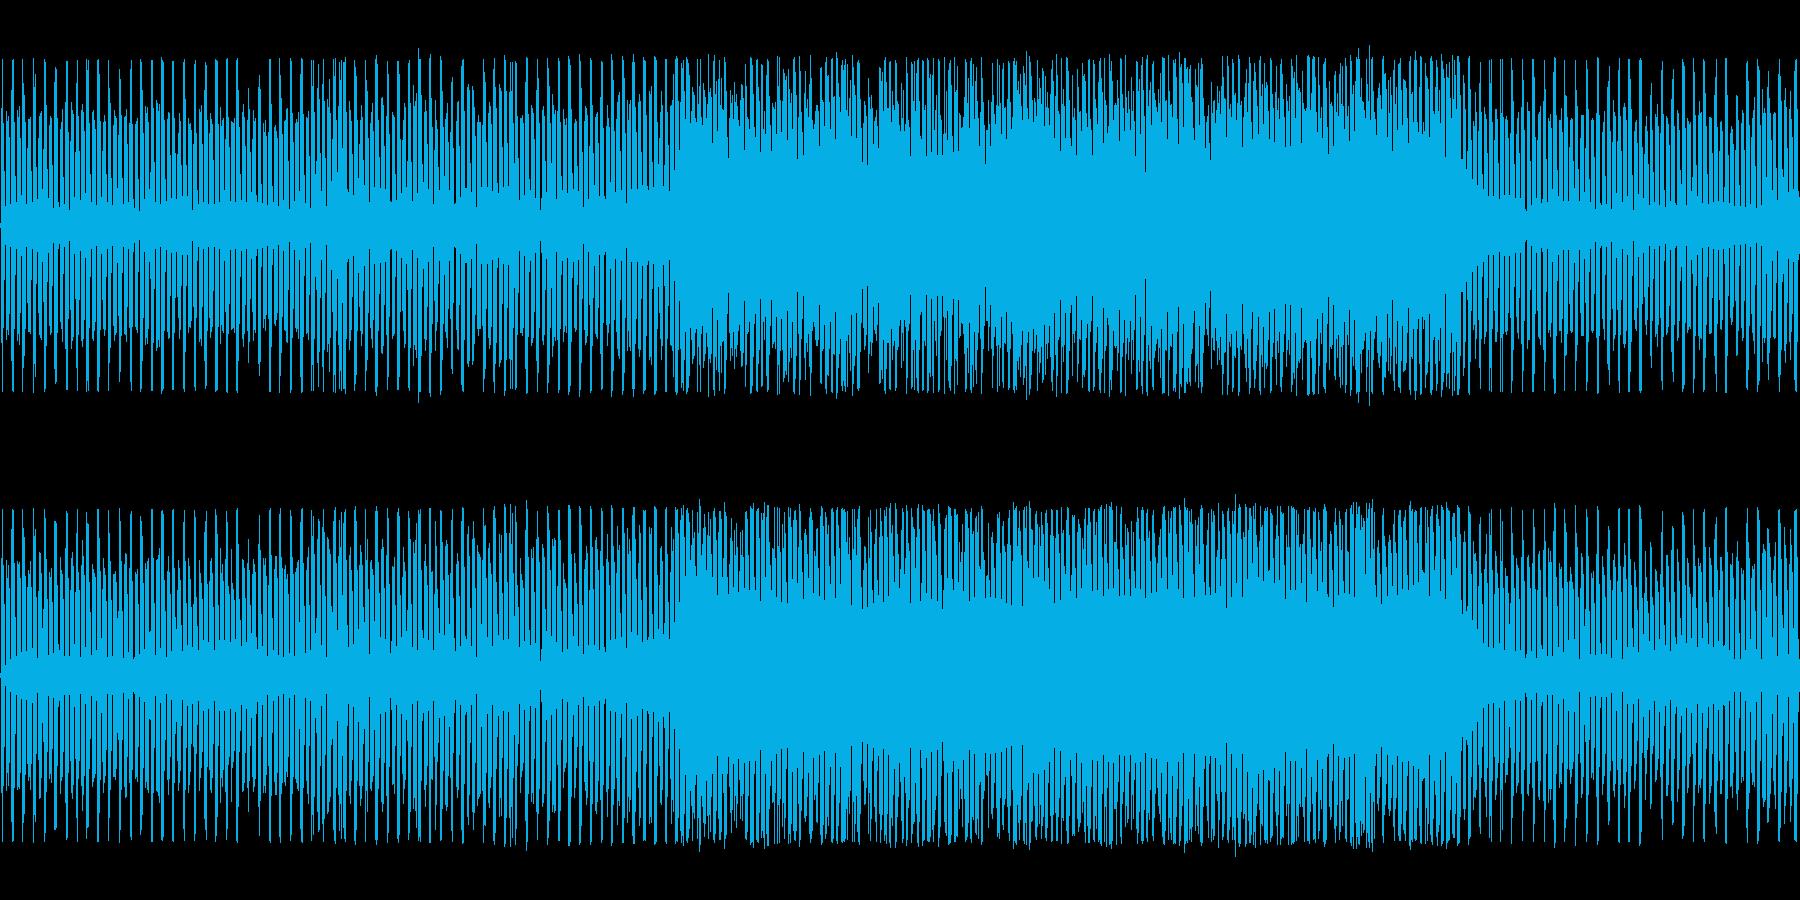 アクション向き疾走感のあるチップチューンの再生済みの波形